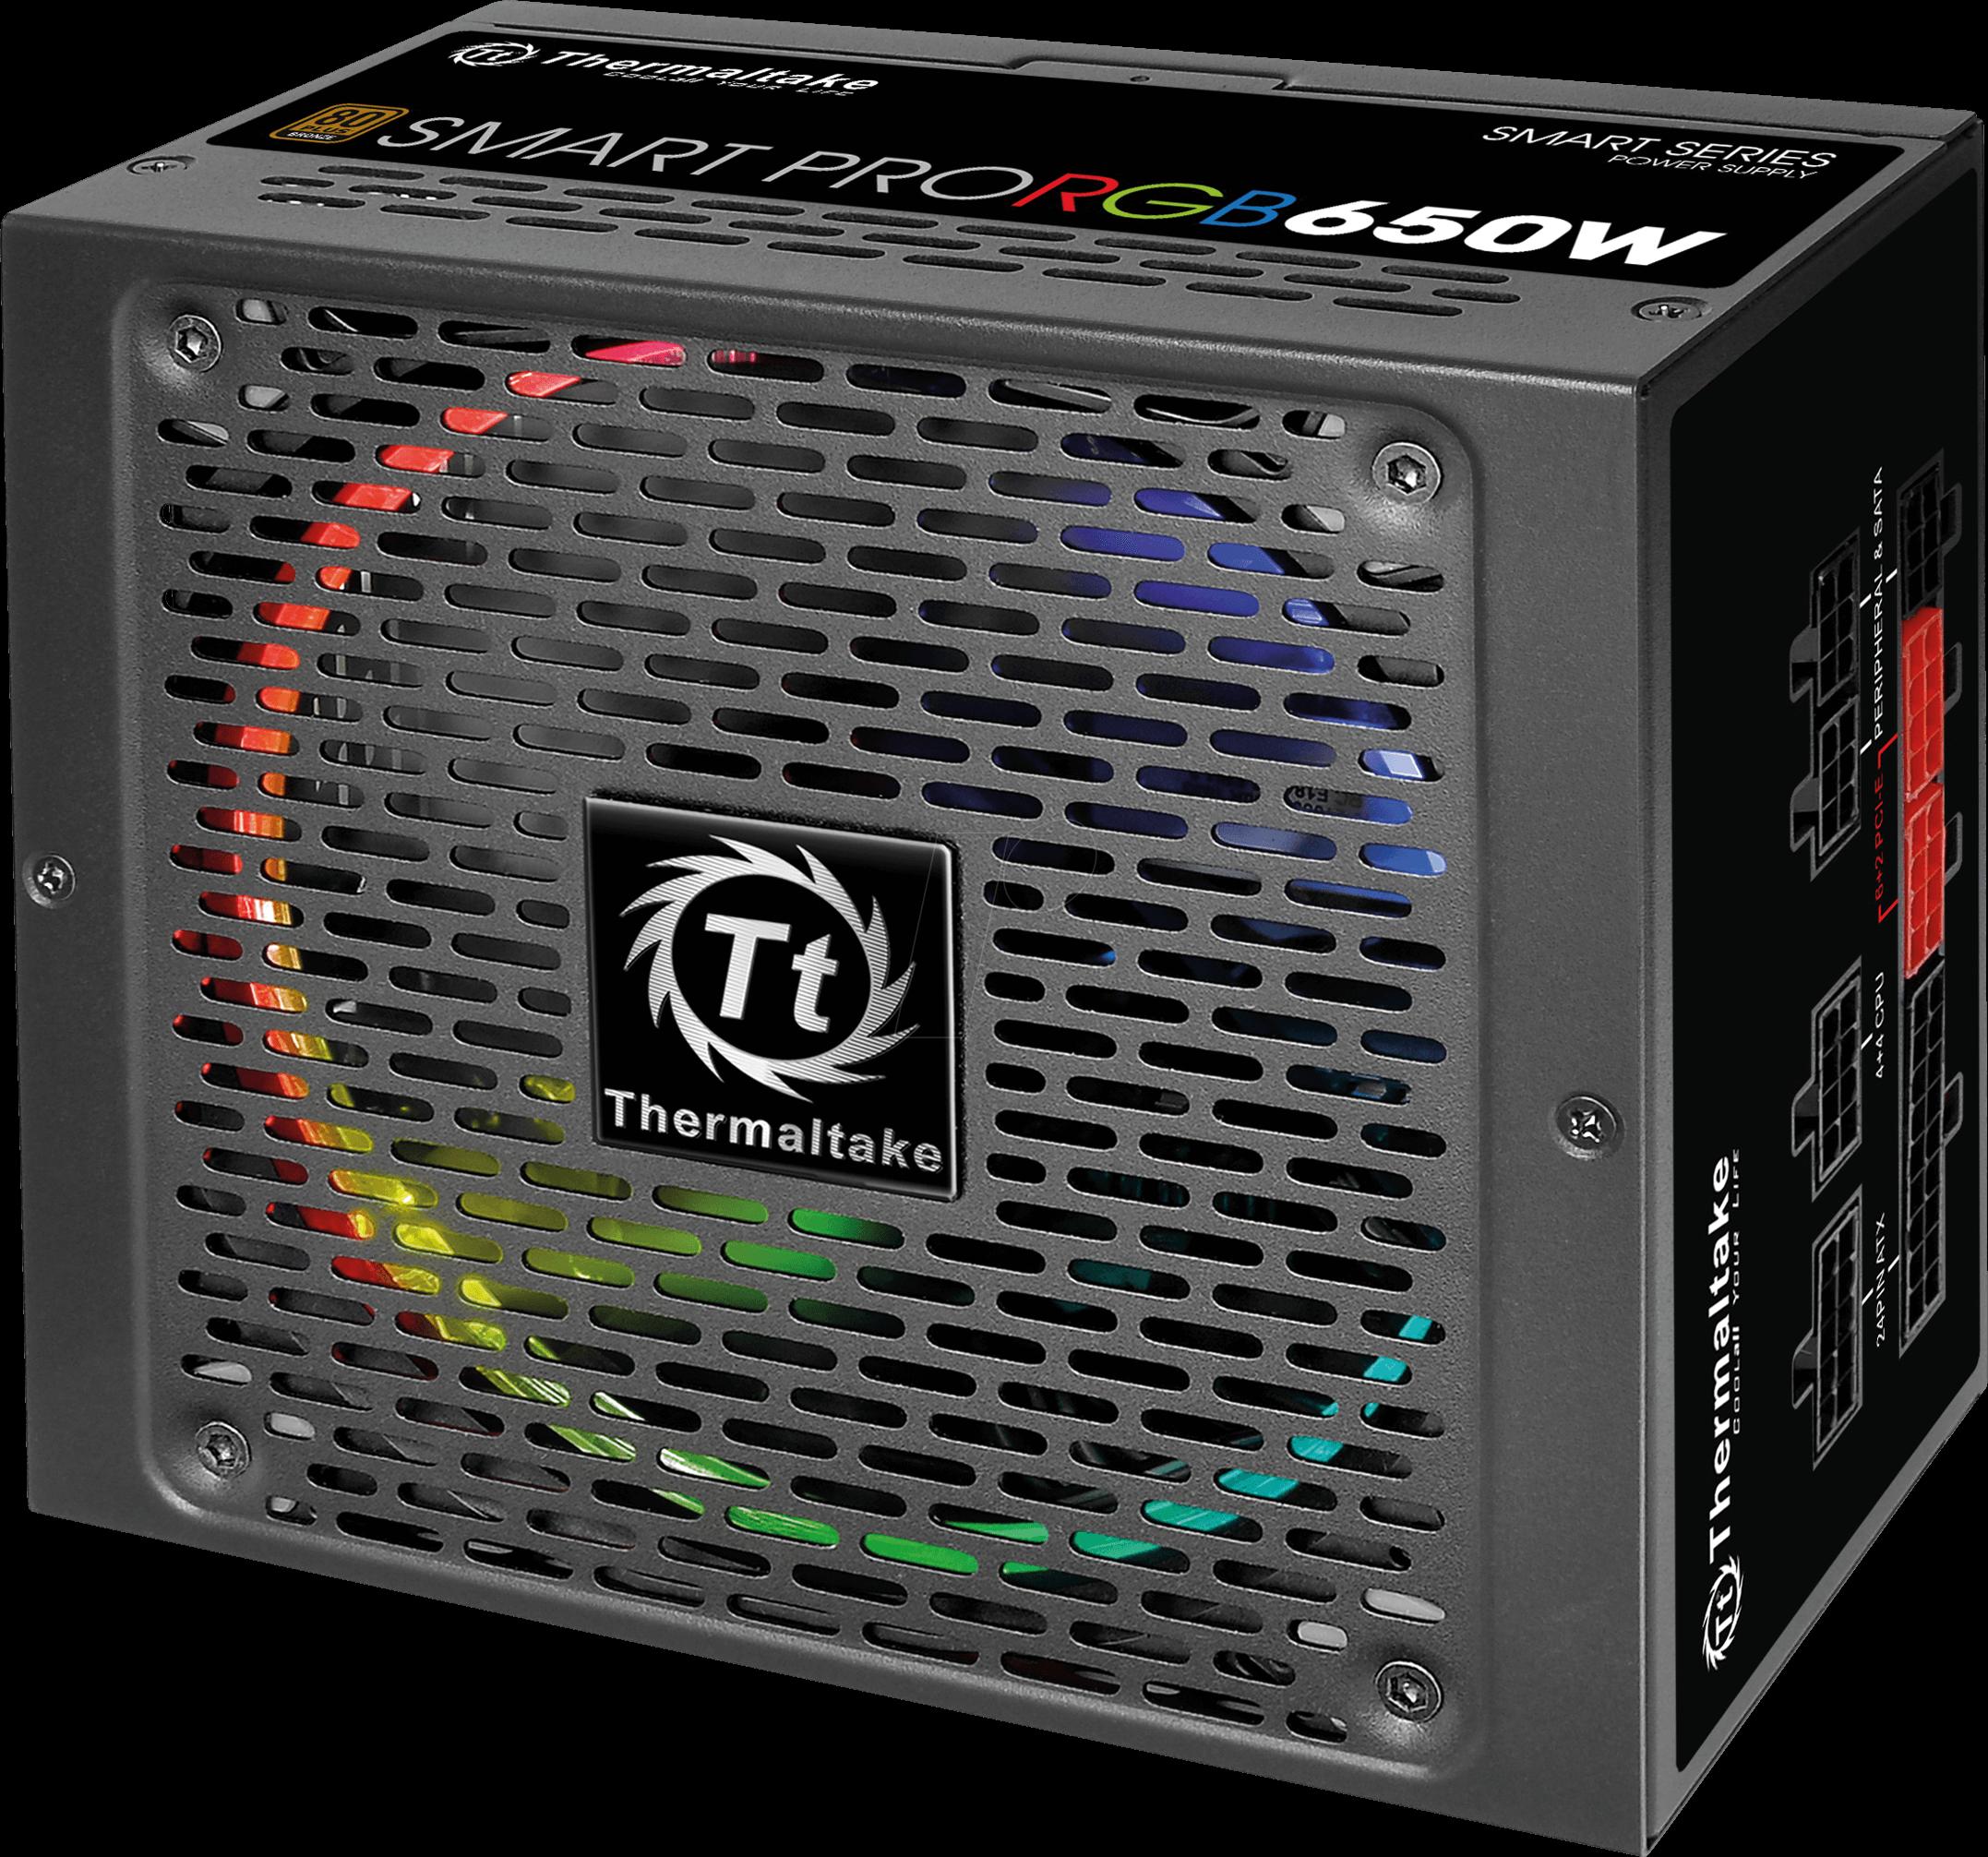 TT 07382 - Thermaltake Smart Pro 650W RGB 80+ Bronze